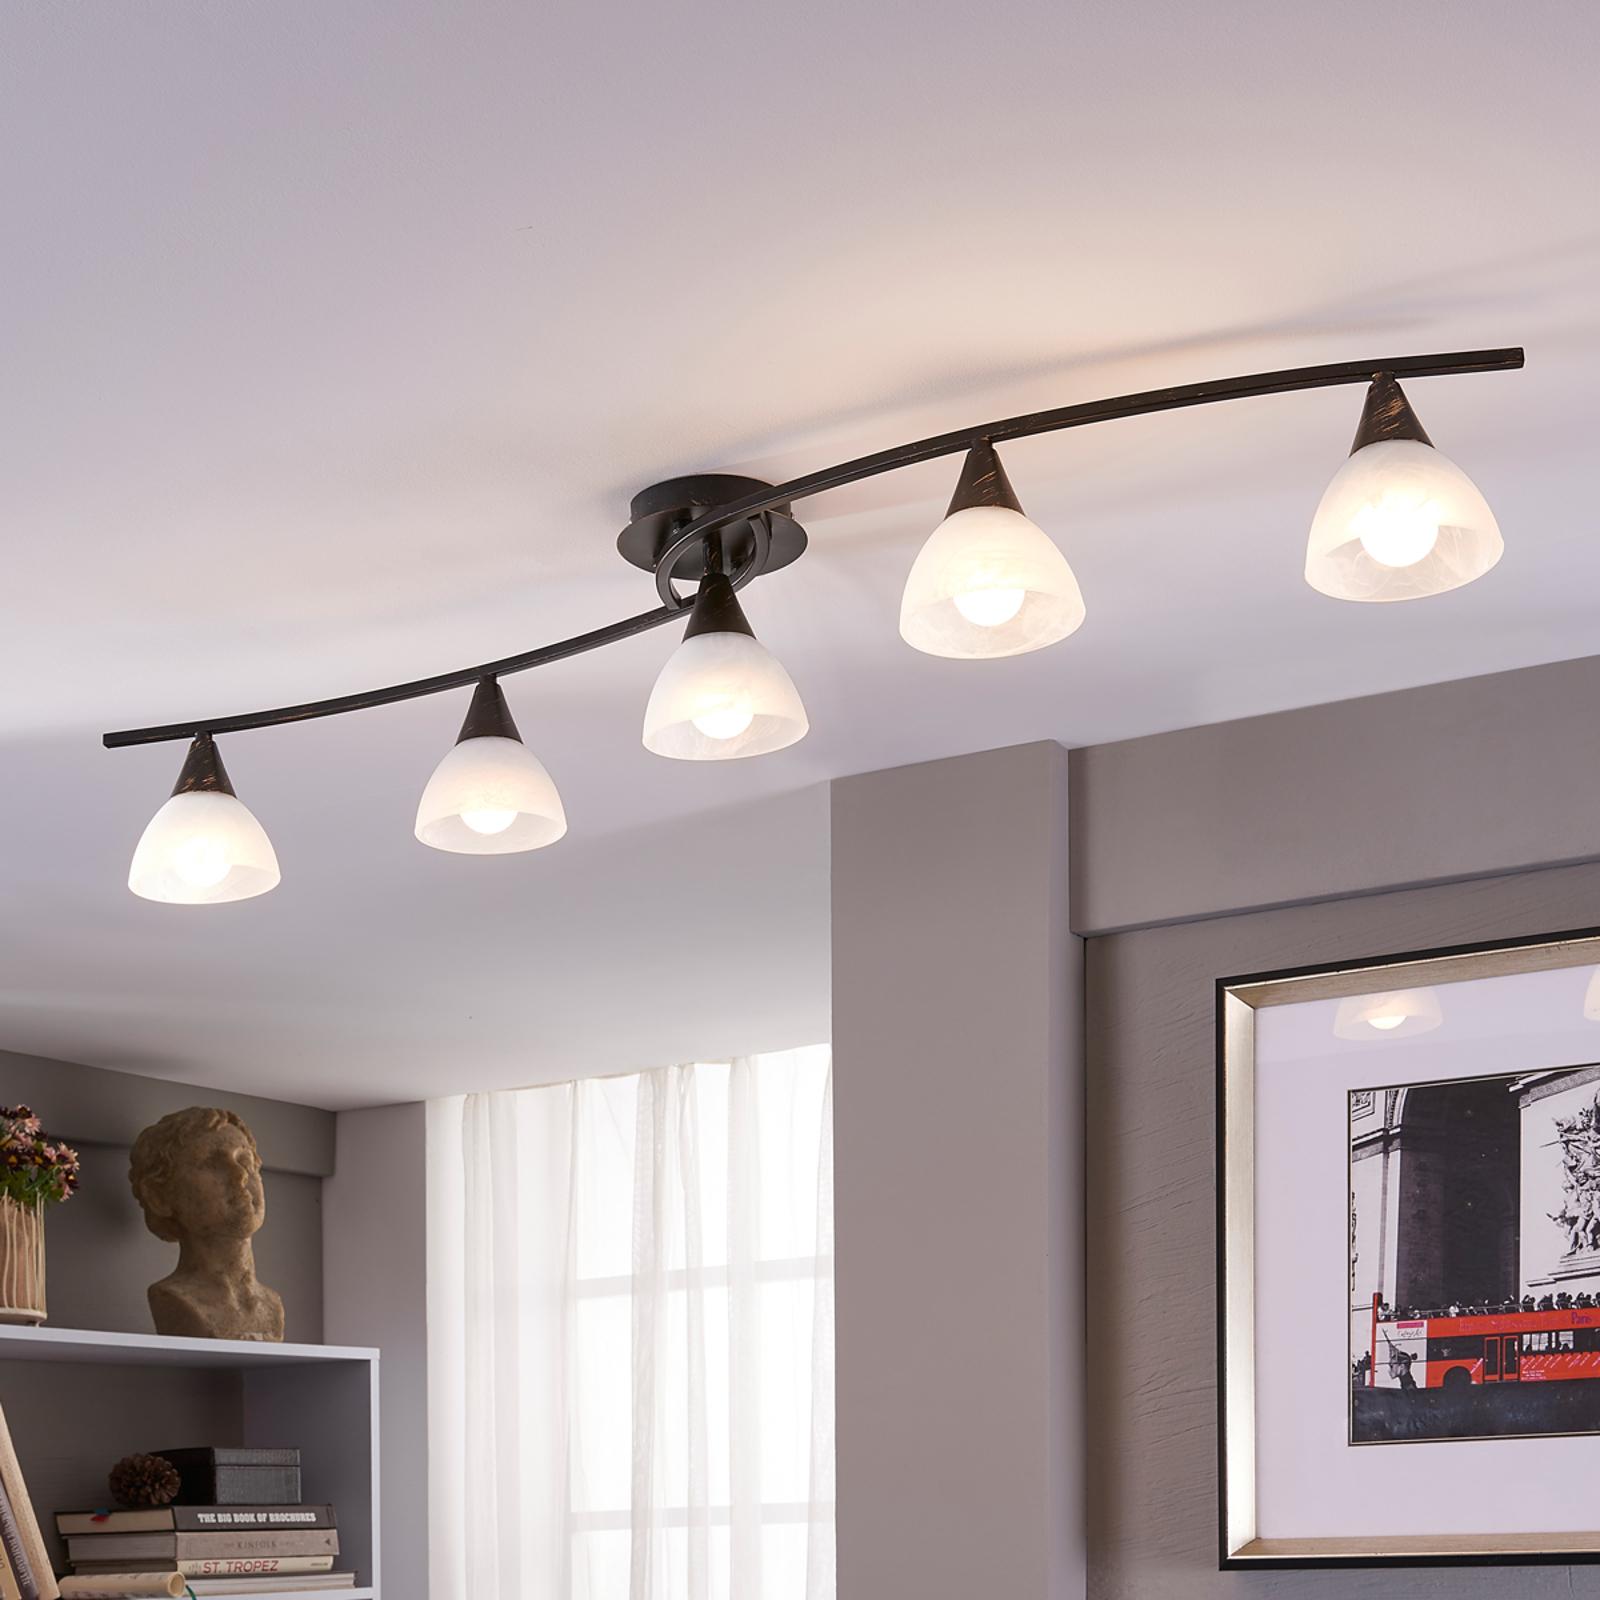 Pětibodové stropní LED světlo Della, podlouhlé